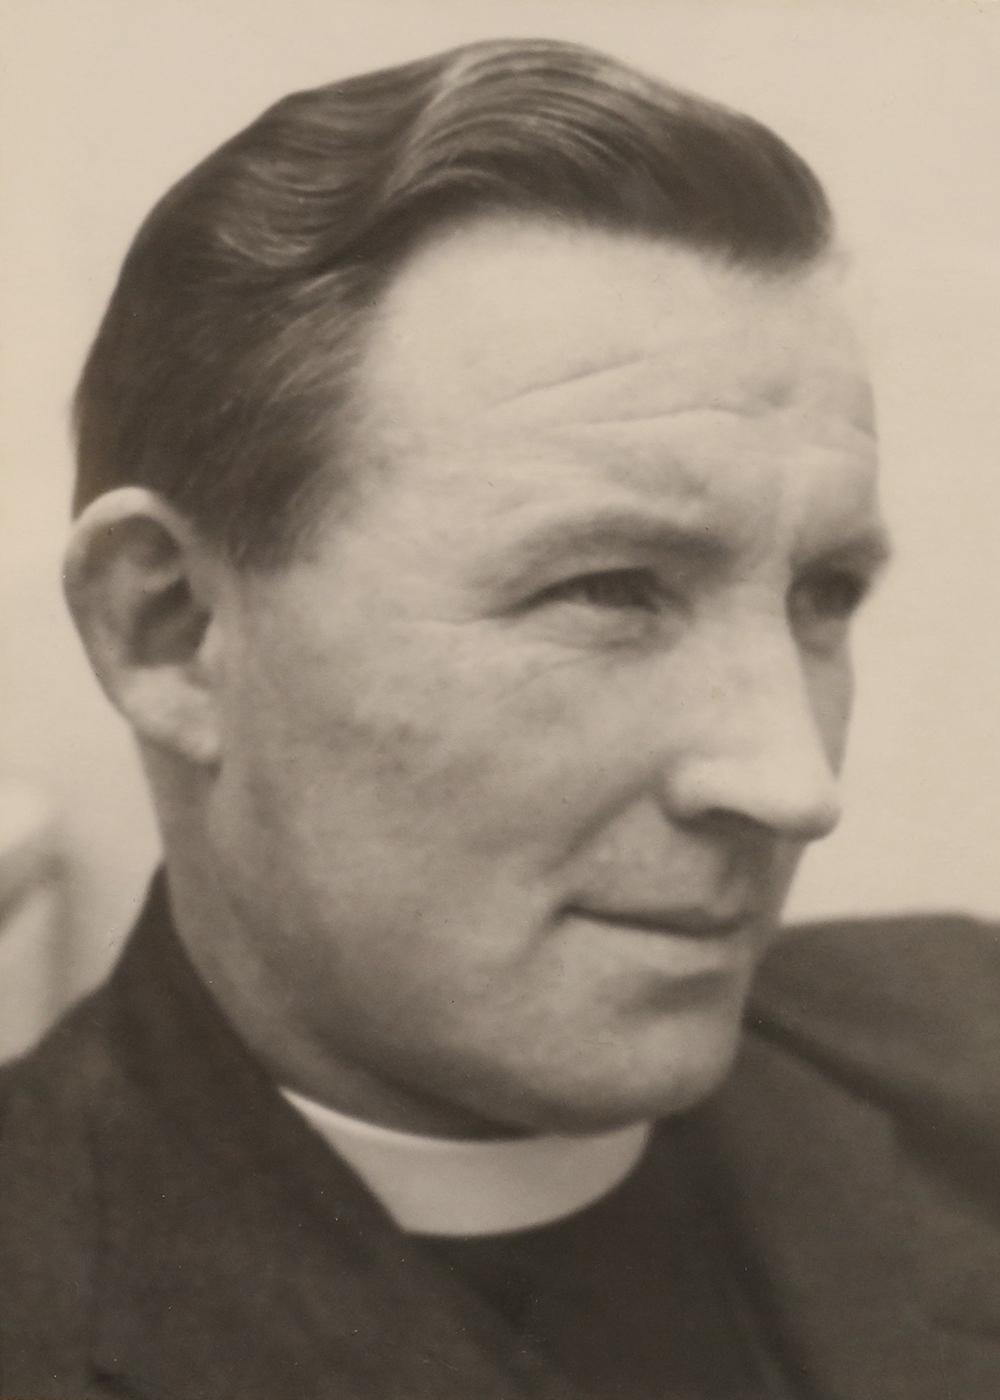 Rev. Robert Roland Cox  1955 - 1963 & 1974 - 1990